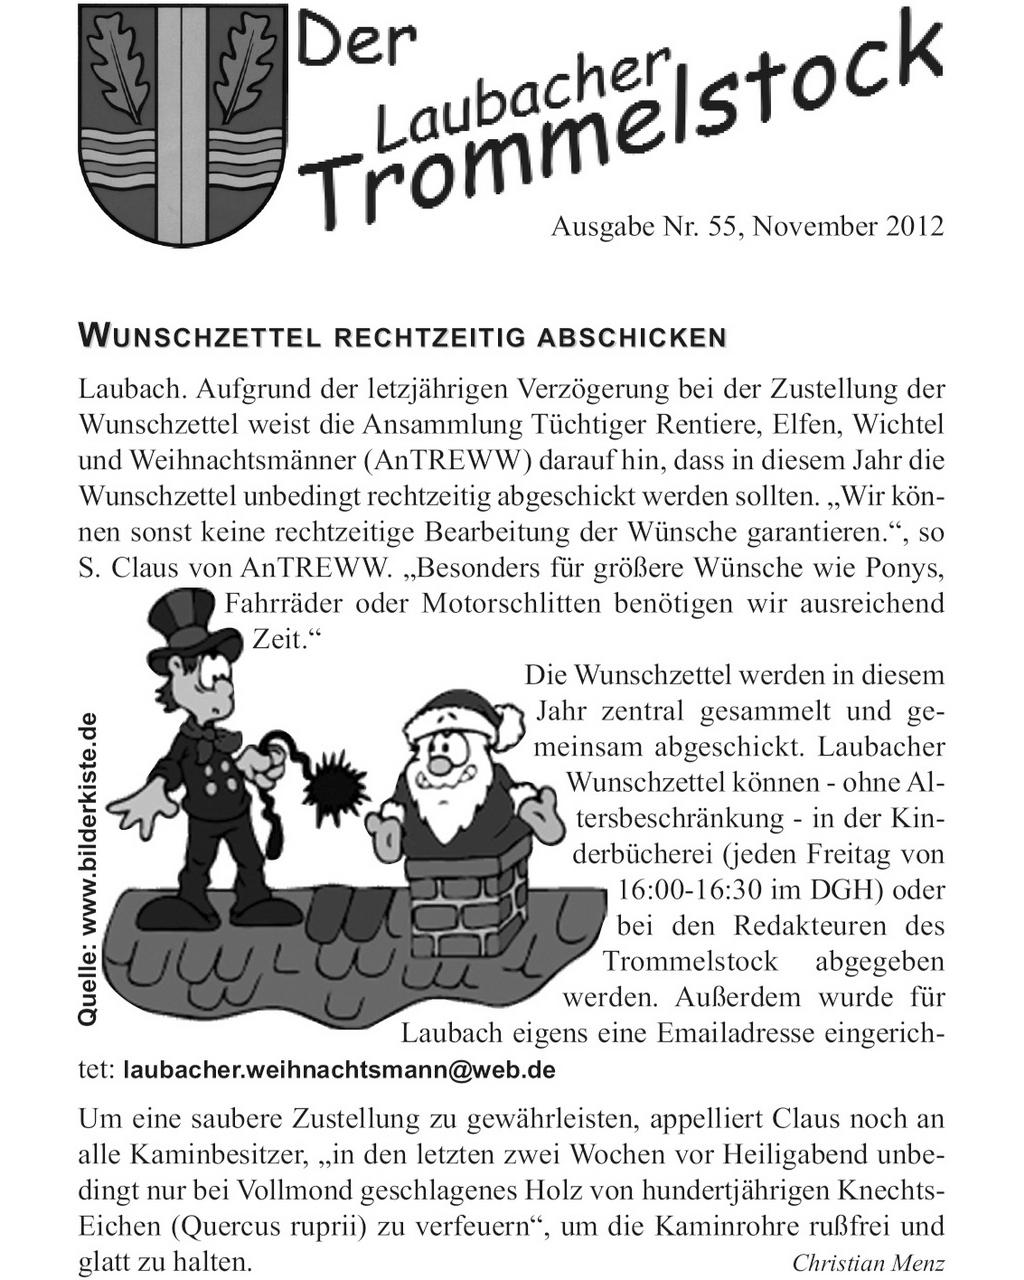 Laubacher-Trommelstock-Titelseite-055